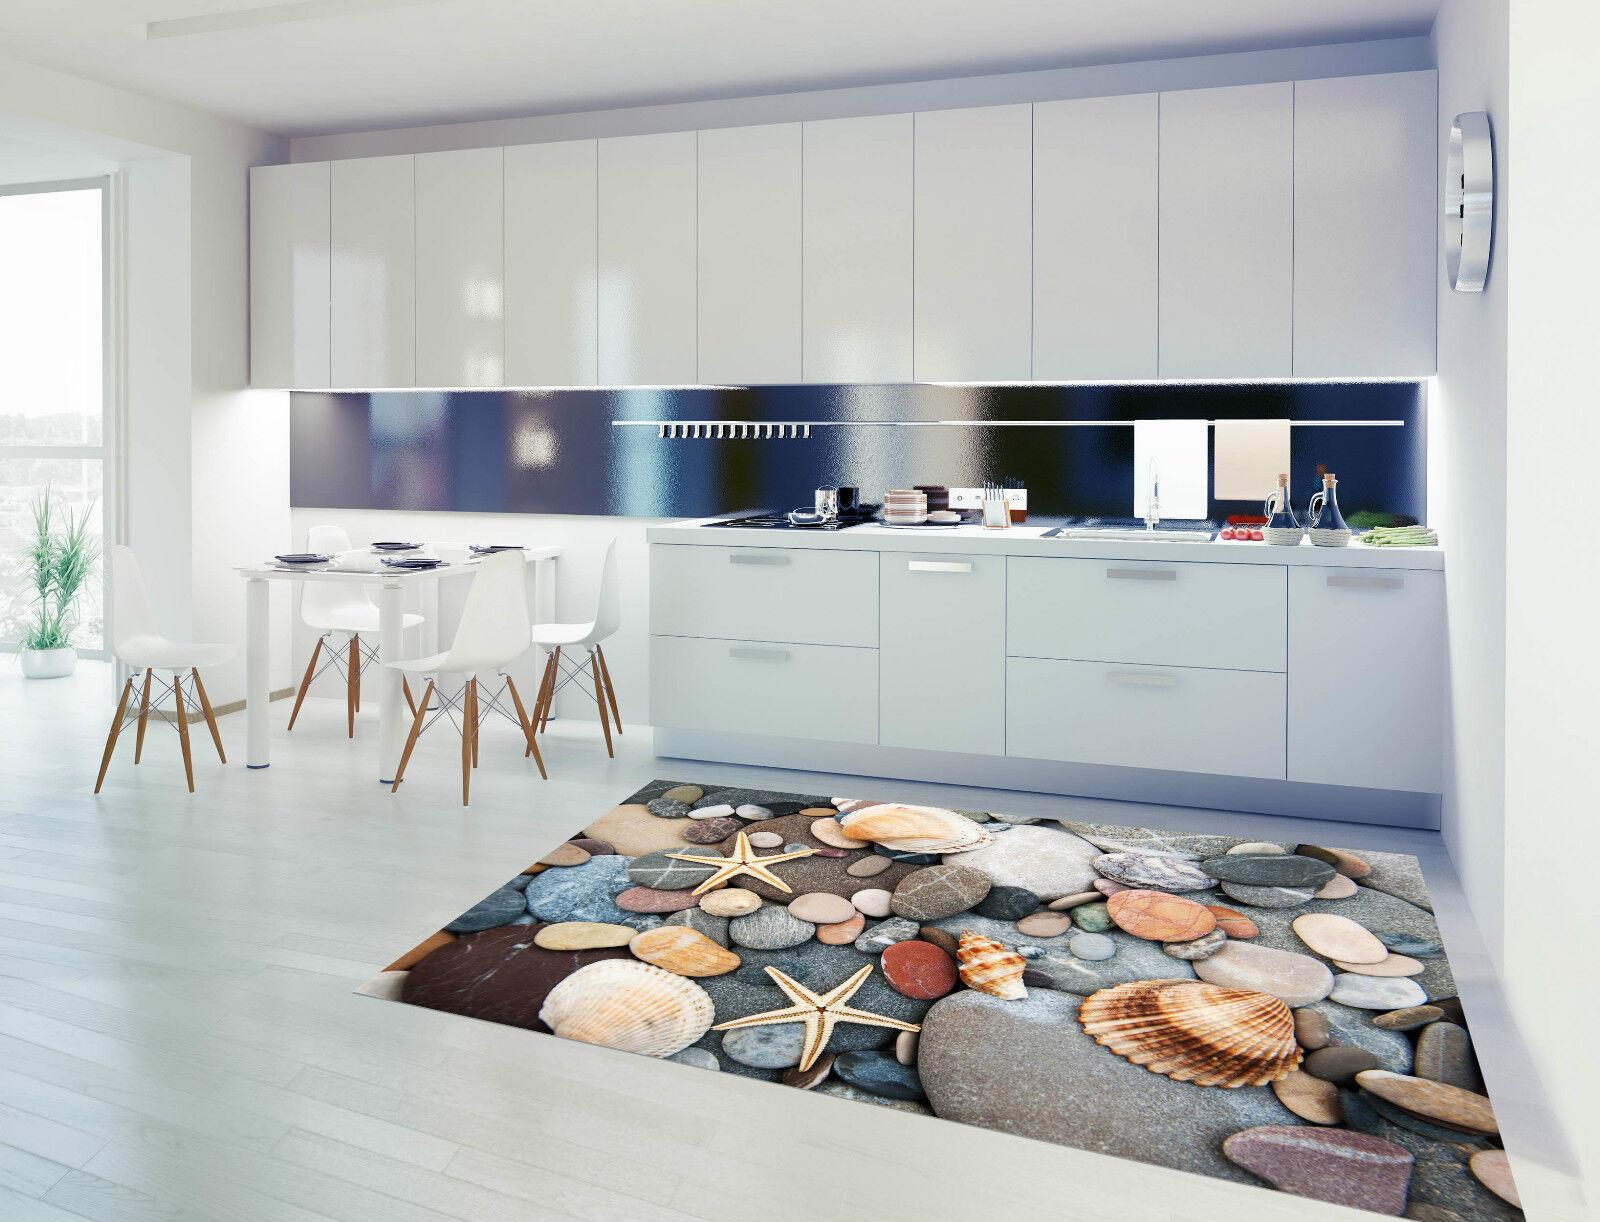 3D Shell Stones 2 Kitchen Mat Floor Murals Wall Print Wall Deco AJ WALLPAPER CA